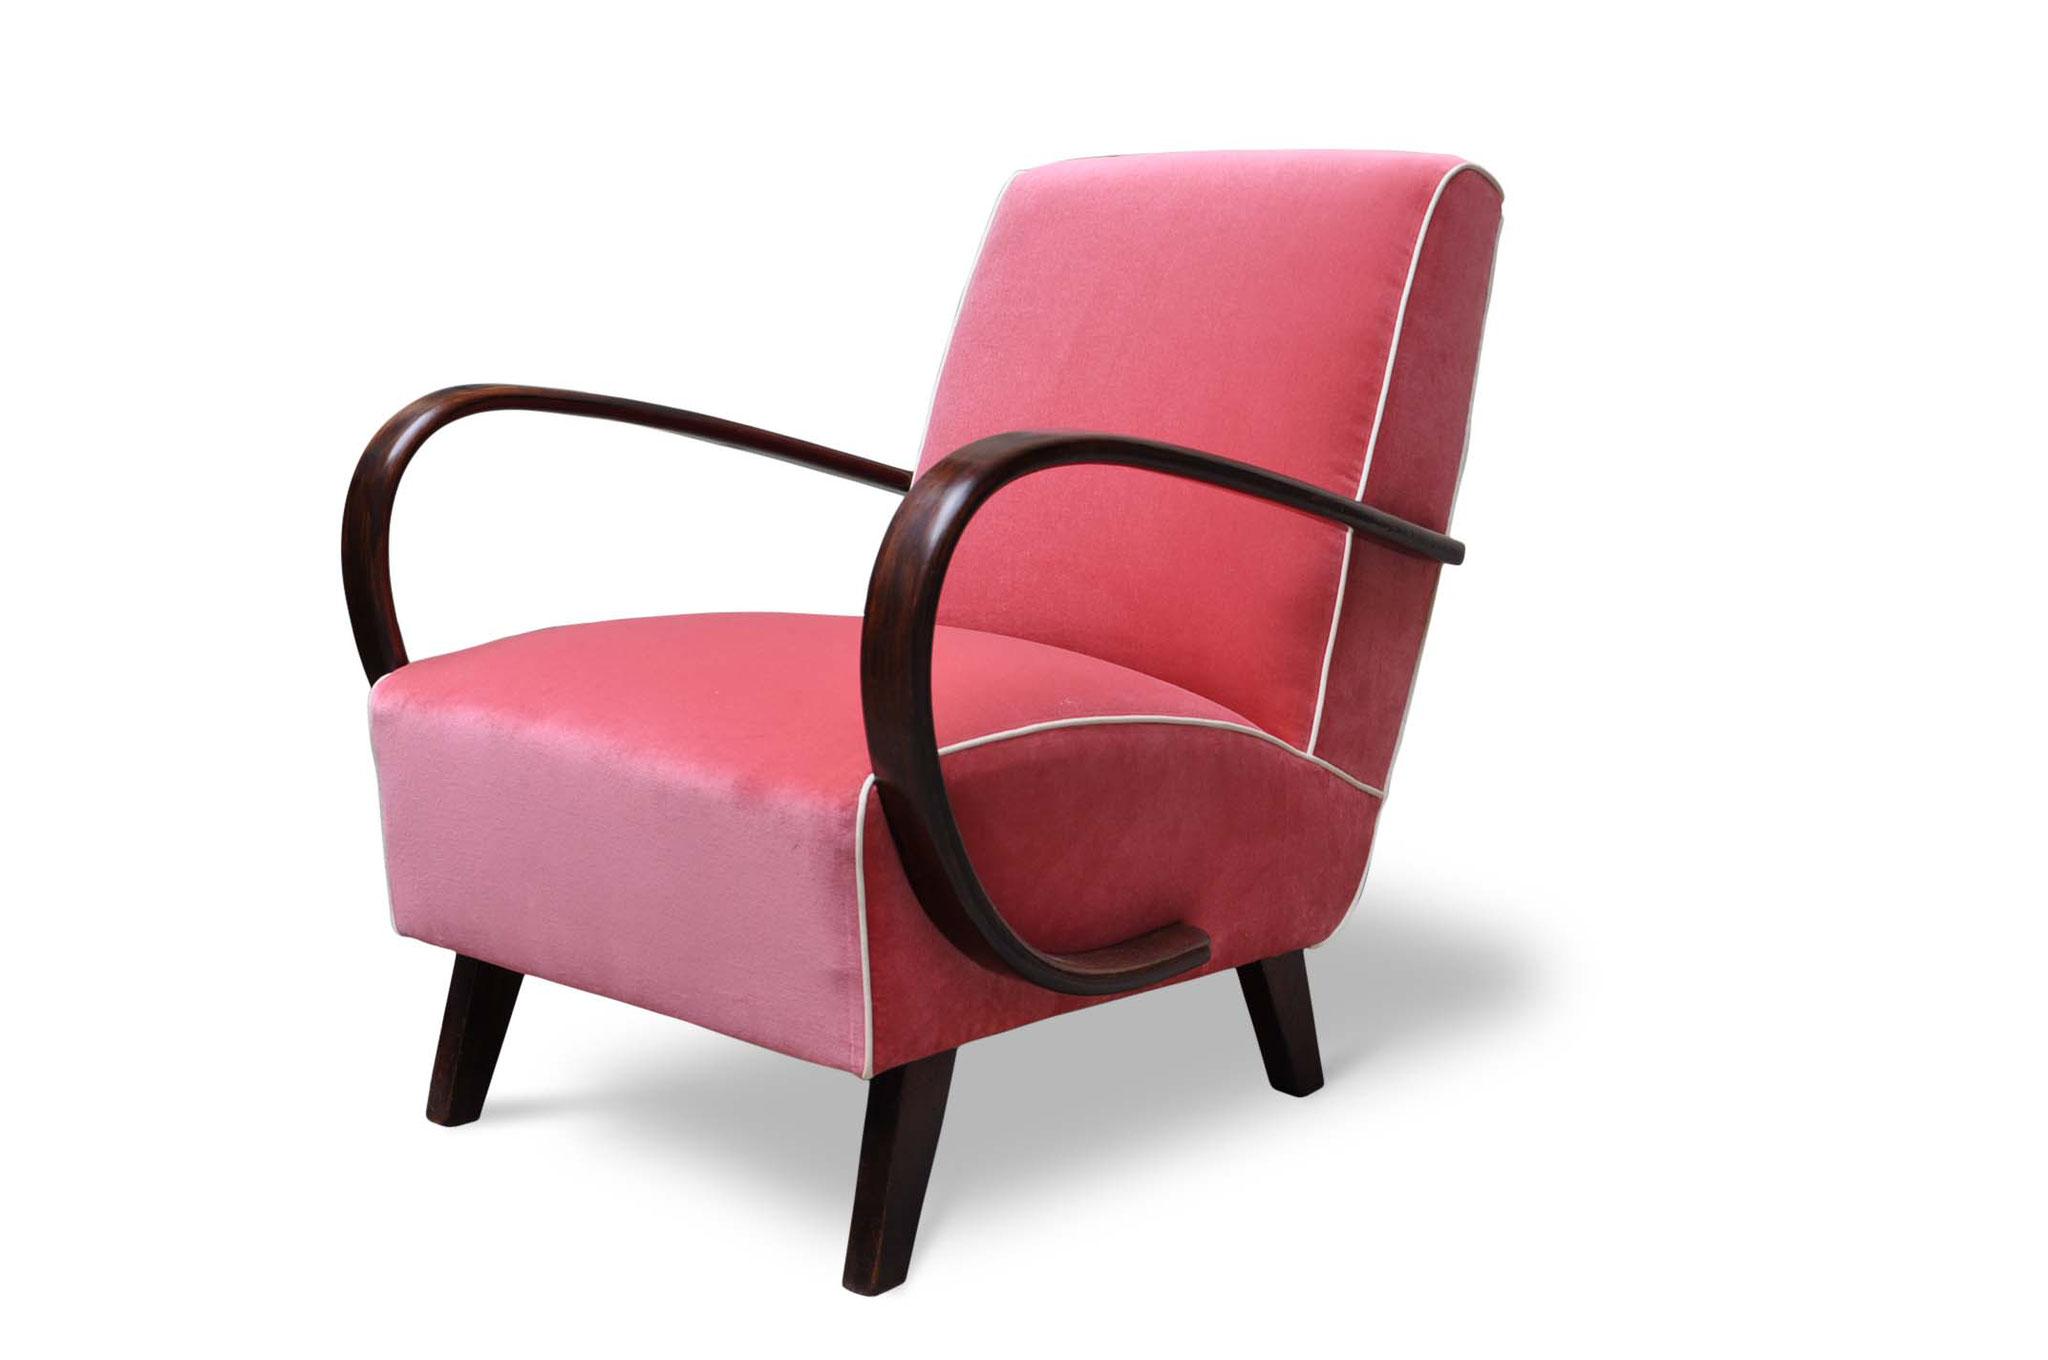 art deco chair in rose cotton velvet